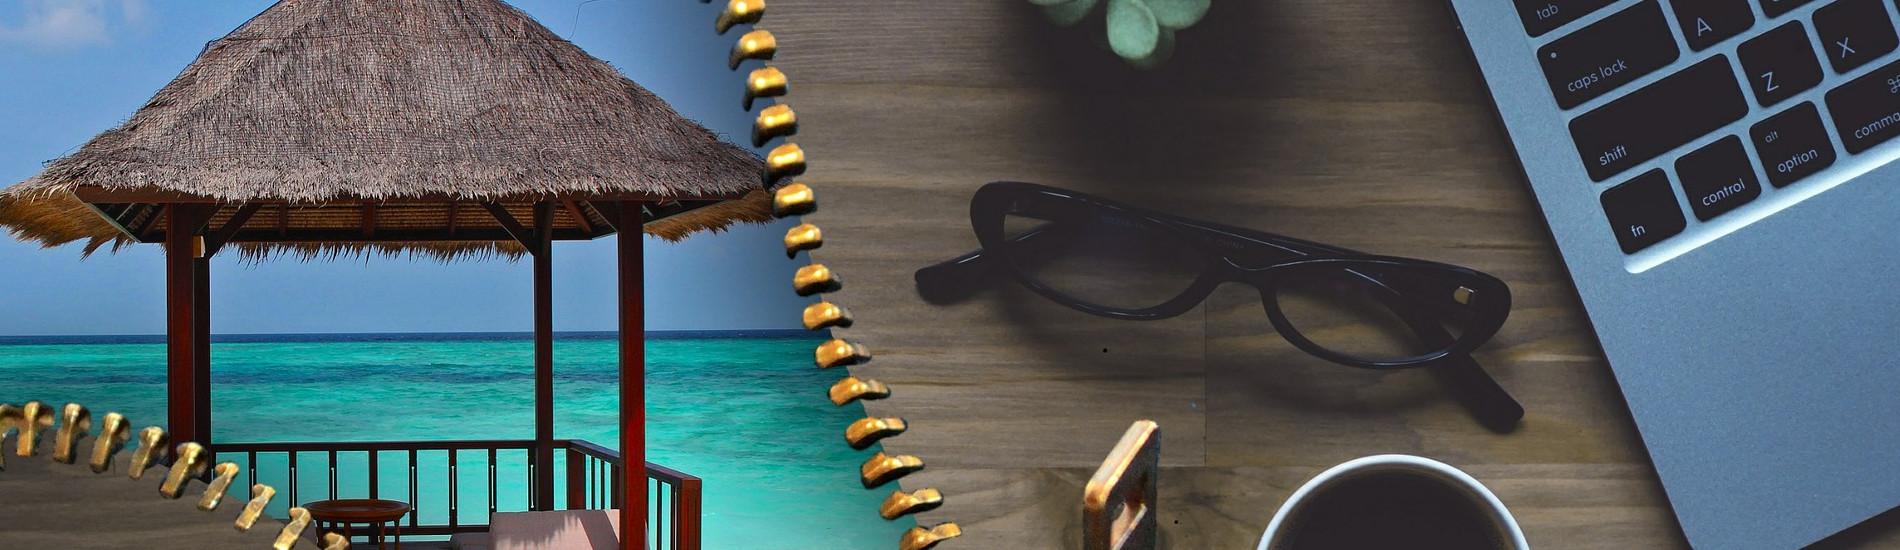 Jakie elementy oferty turystycznej można reklamować w biurze podróży?